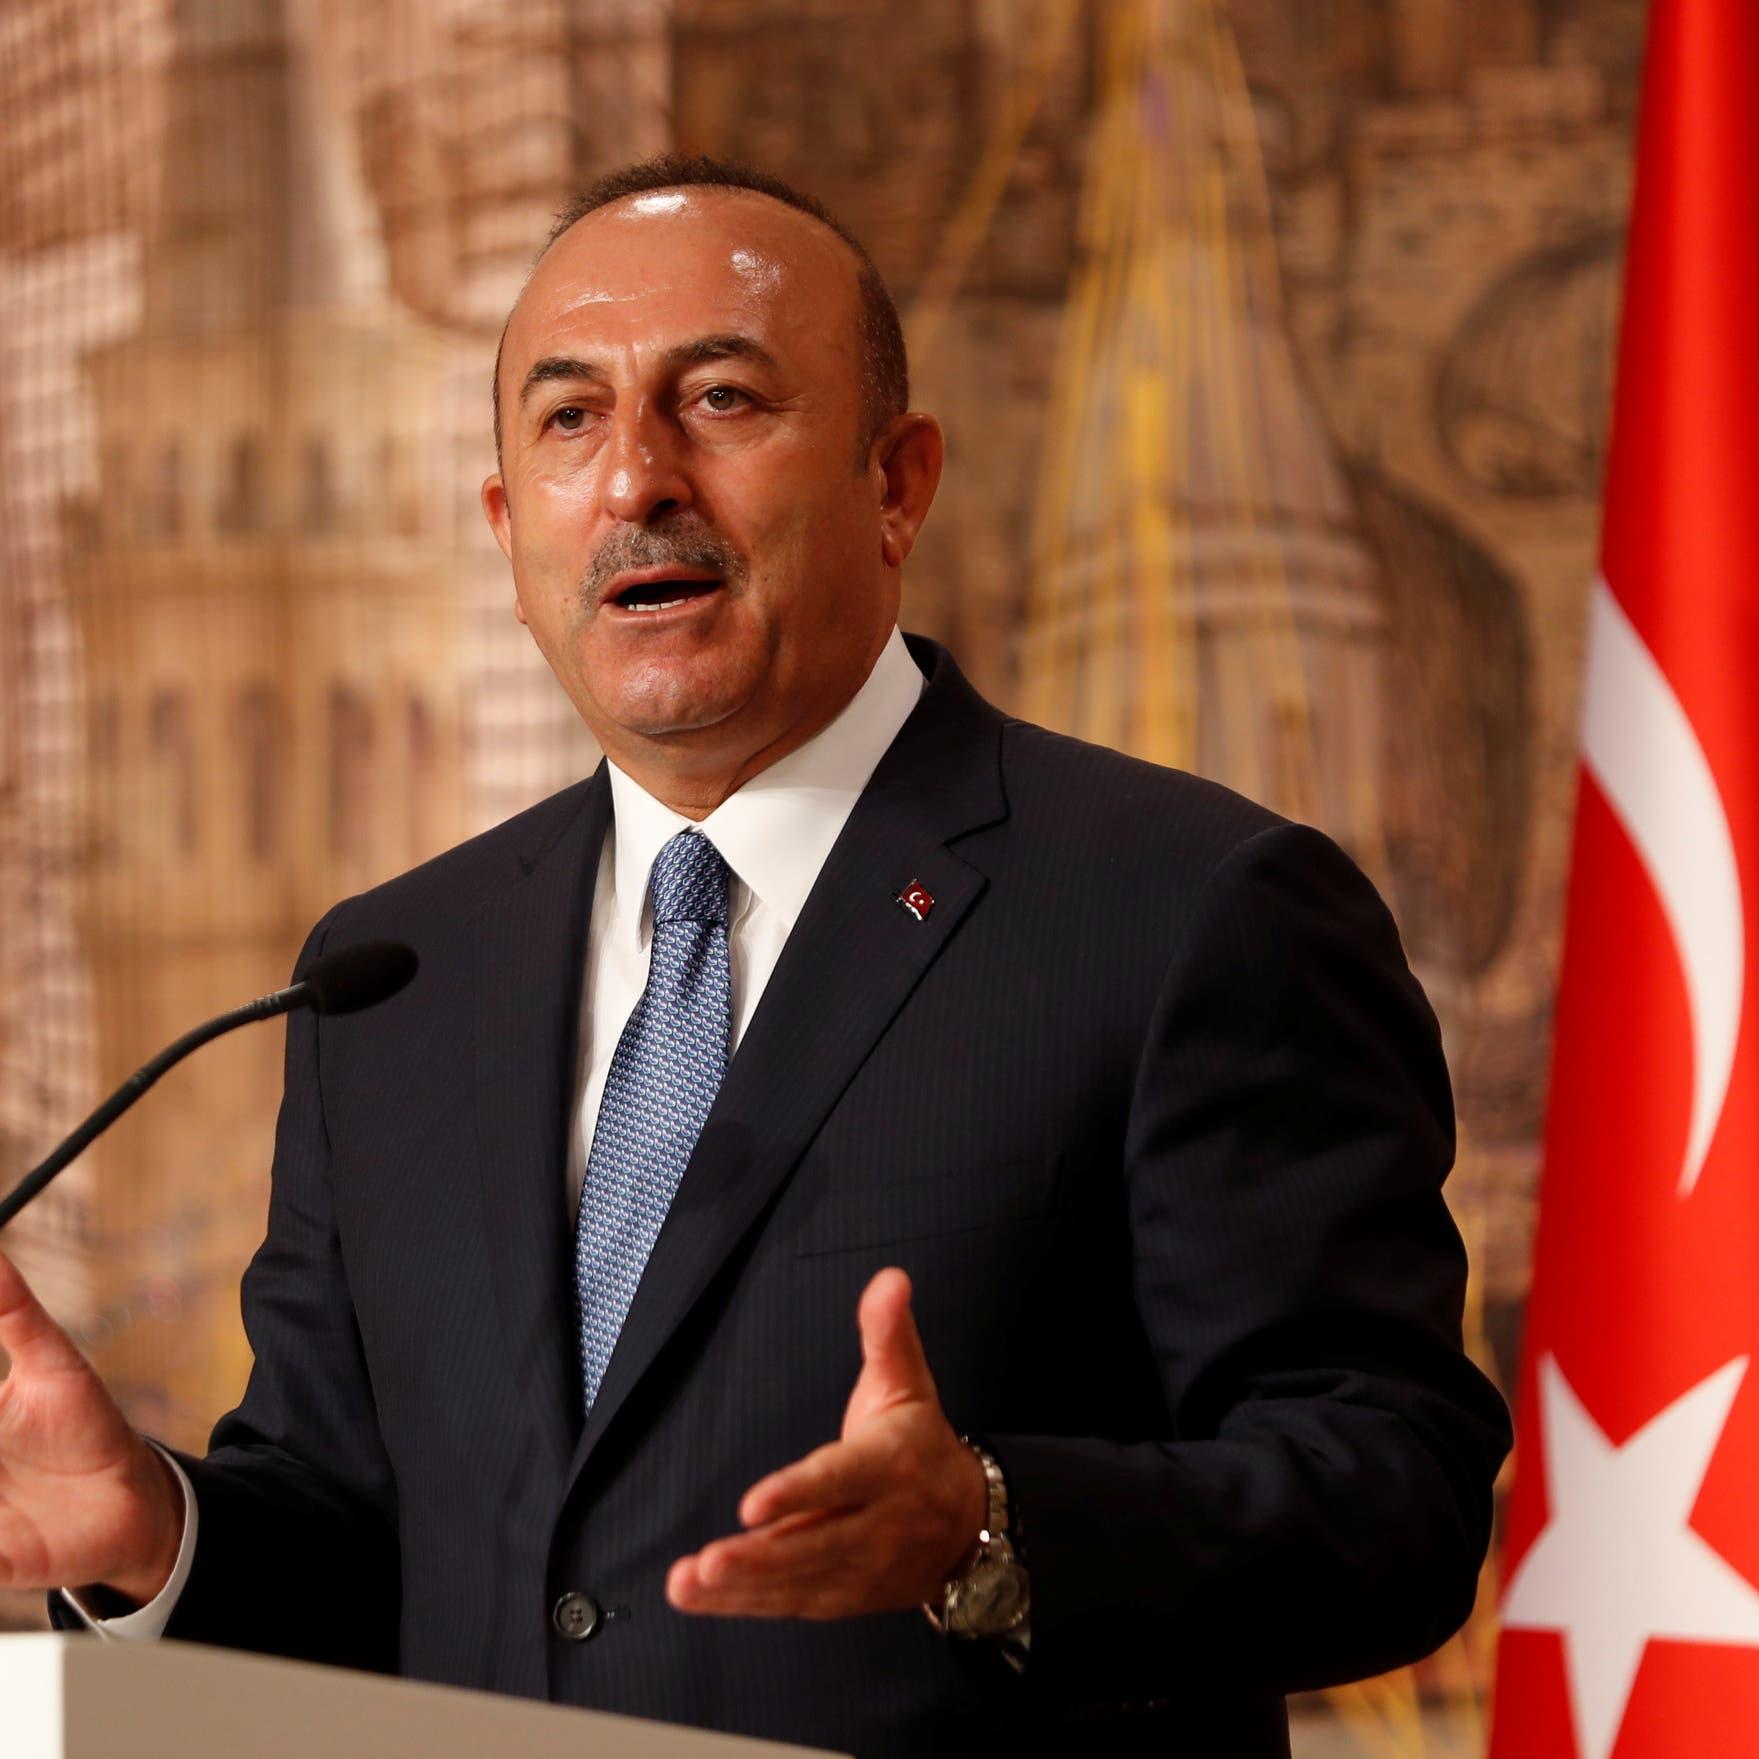 بعد طلب أرمينيا مساعدة روسيا.. وزير الخارجية التركي يزور أذربيجان